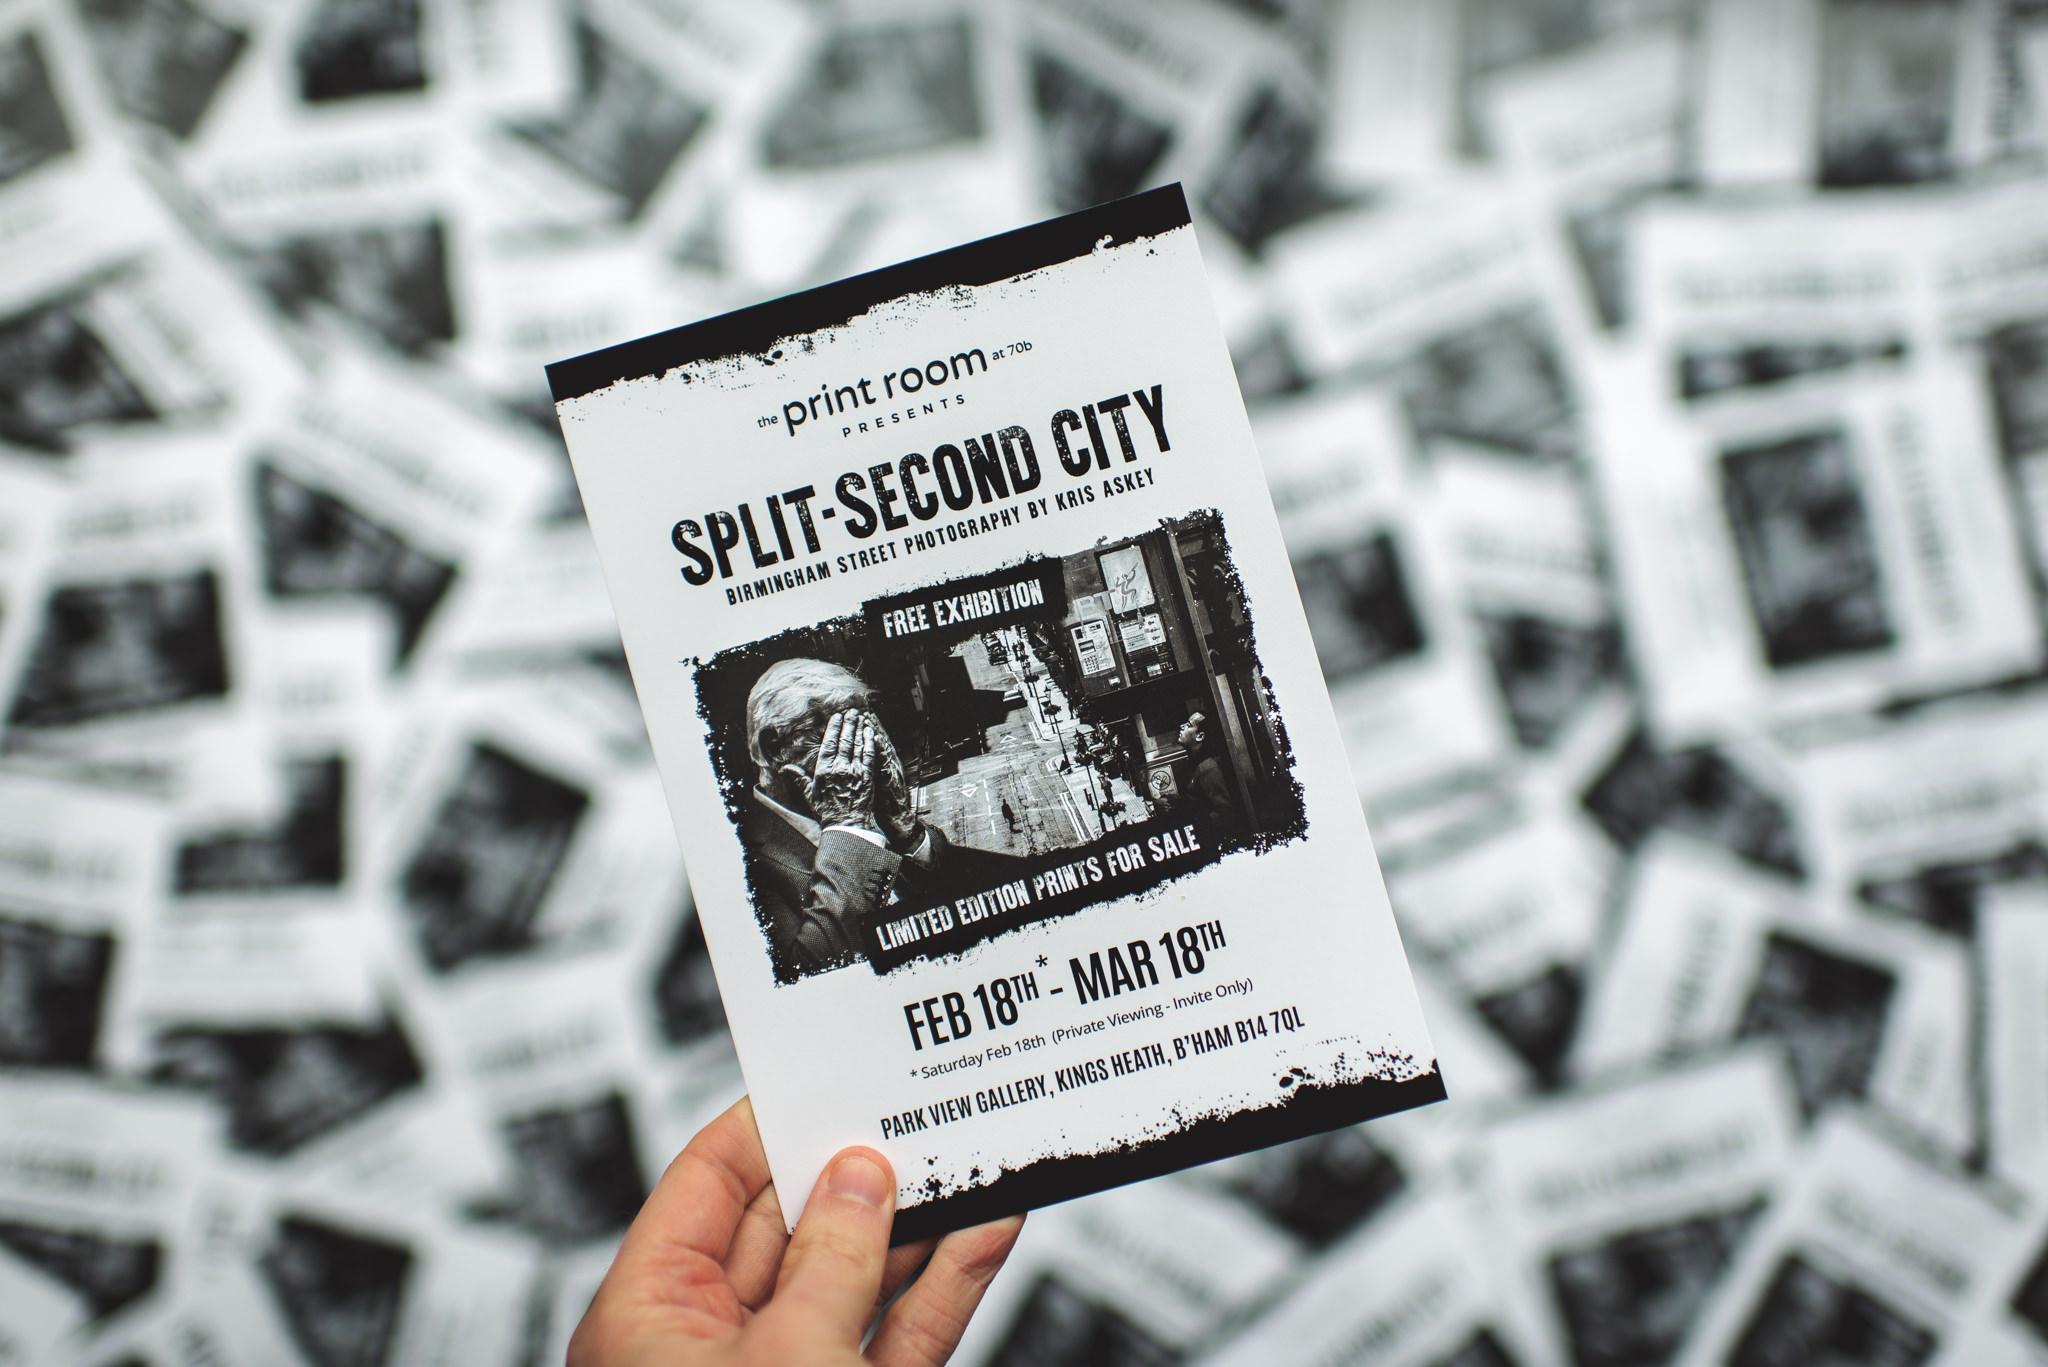 SplitSecondCity-Flyers-20170209-0007-Kris-Askey.jpg